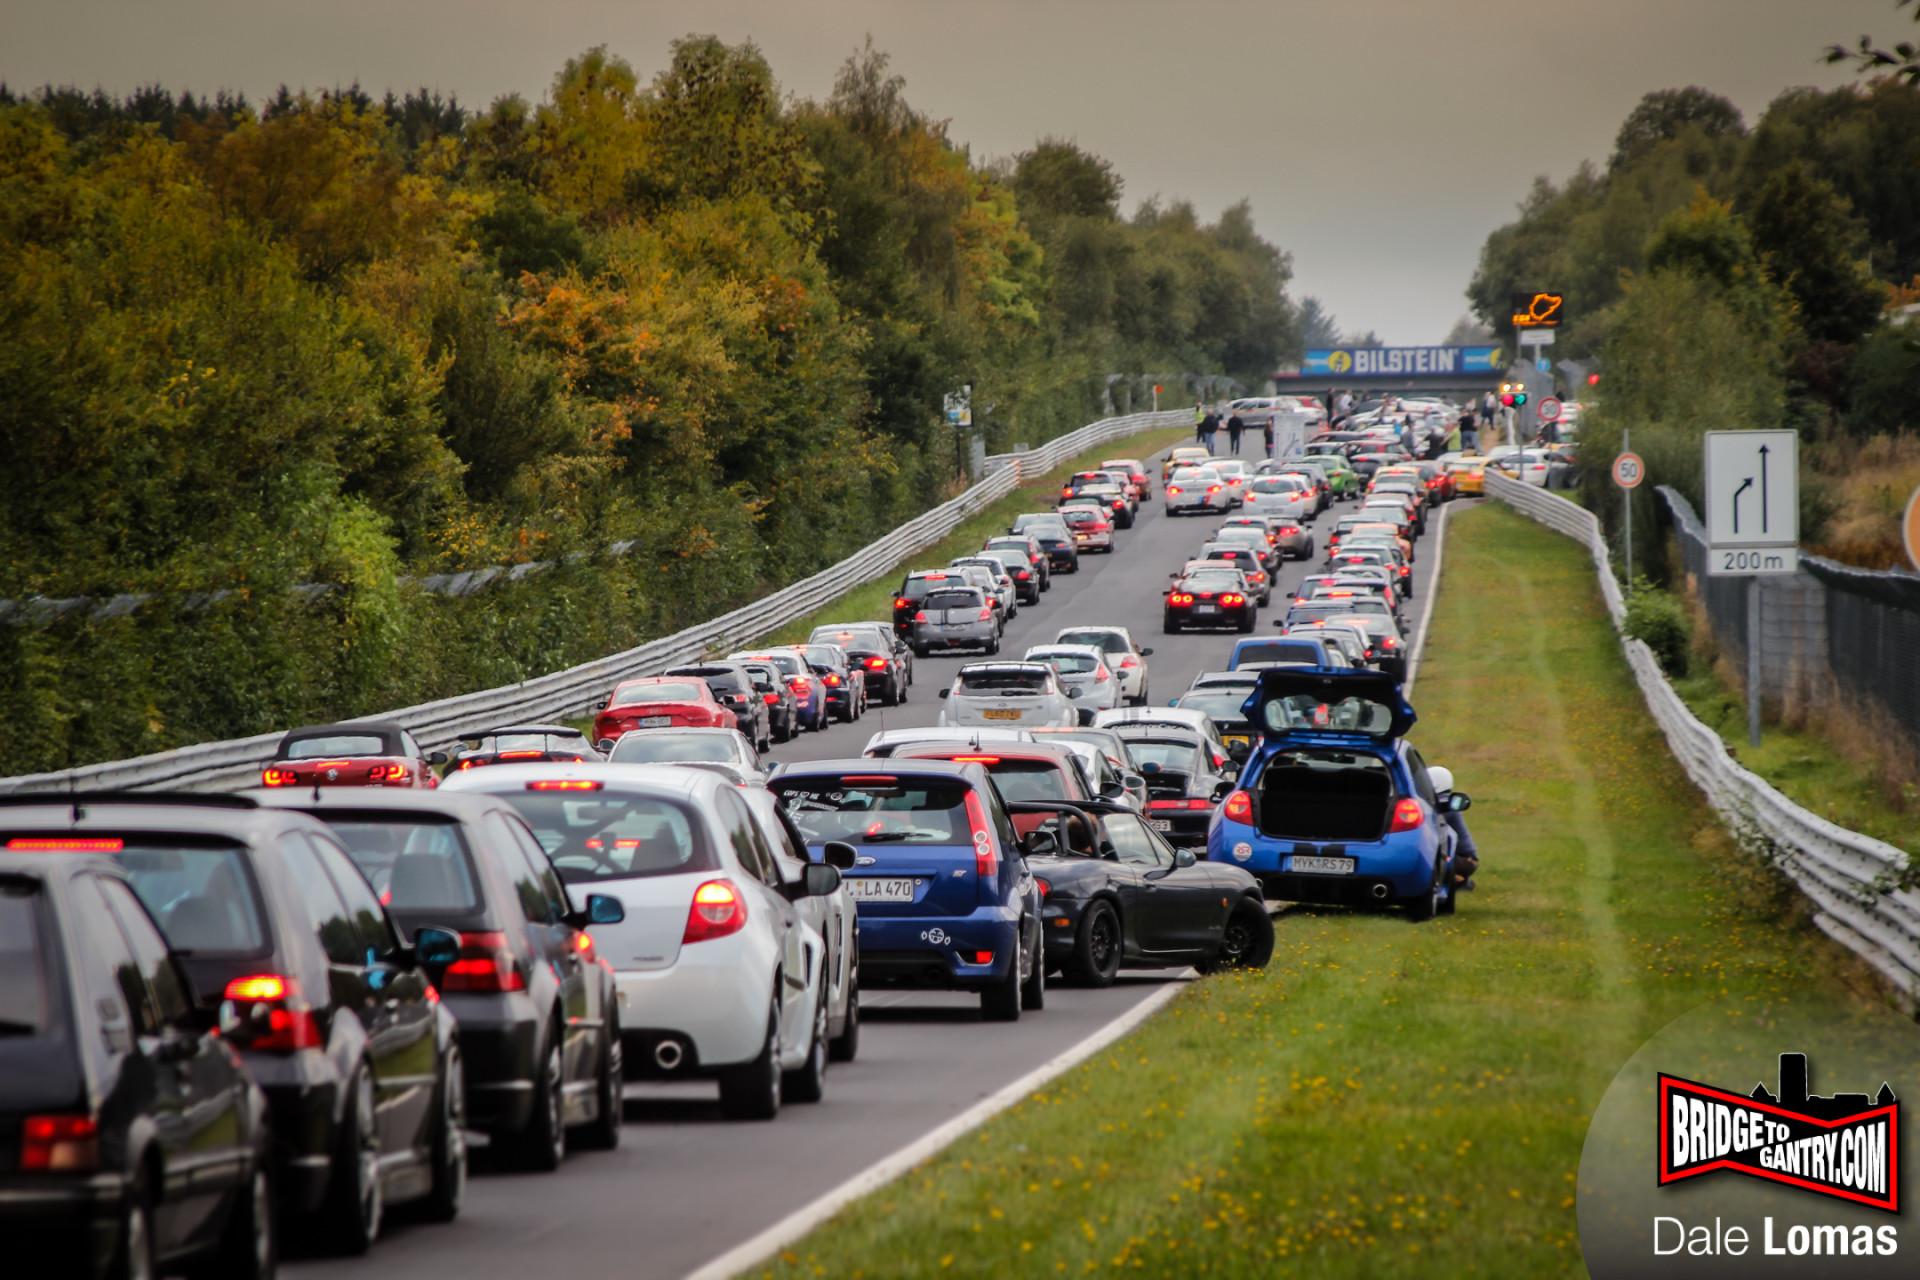 Nurburgring public session queue